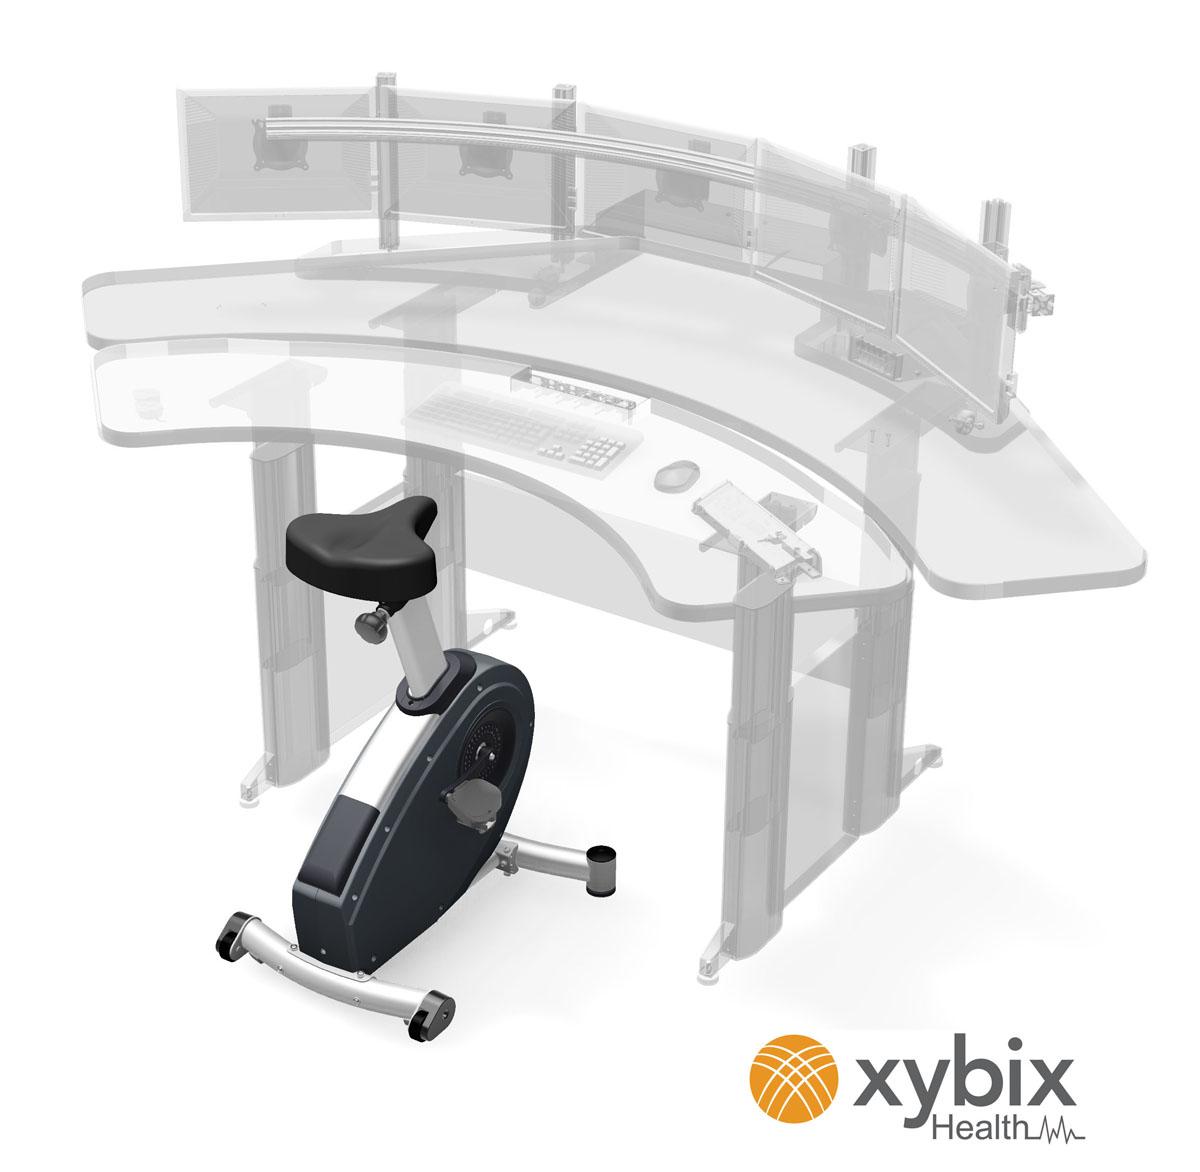 Xybix